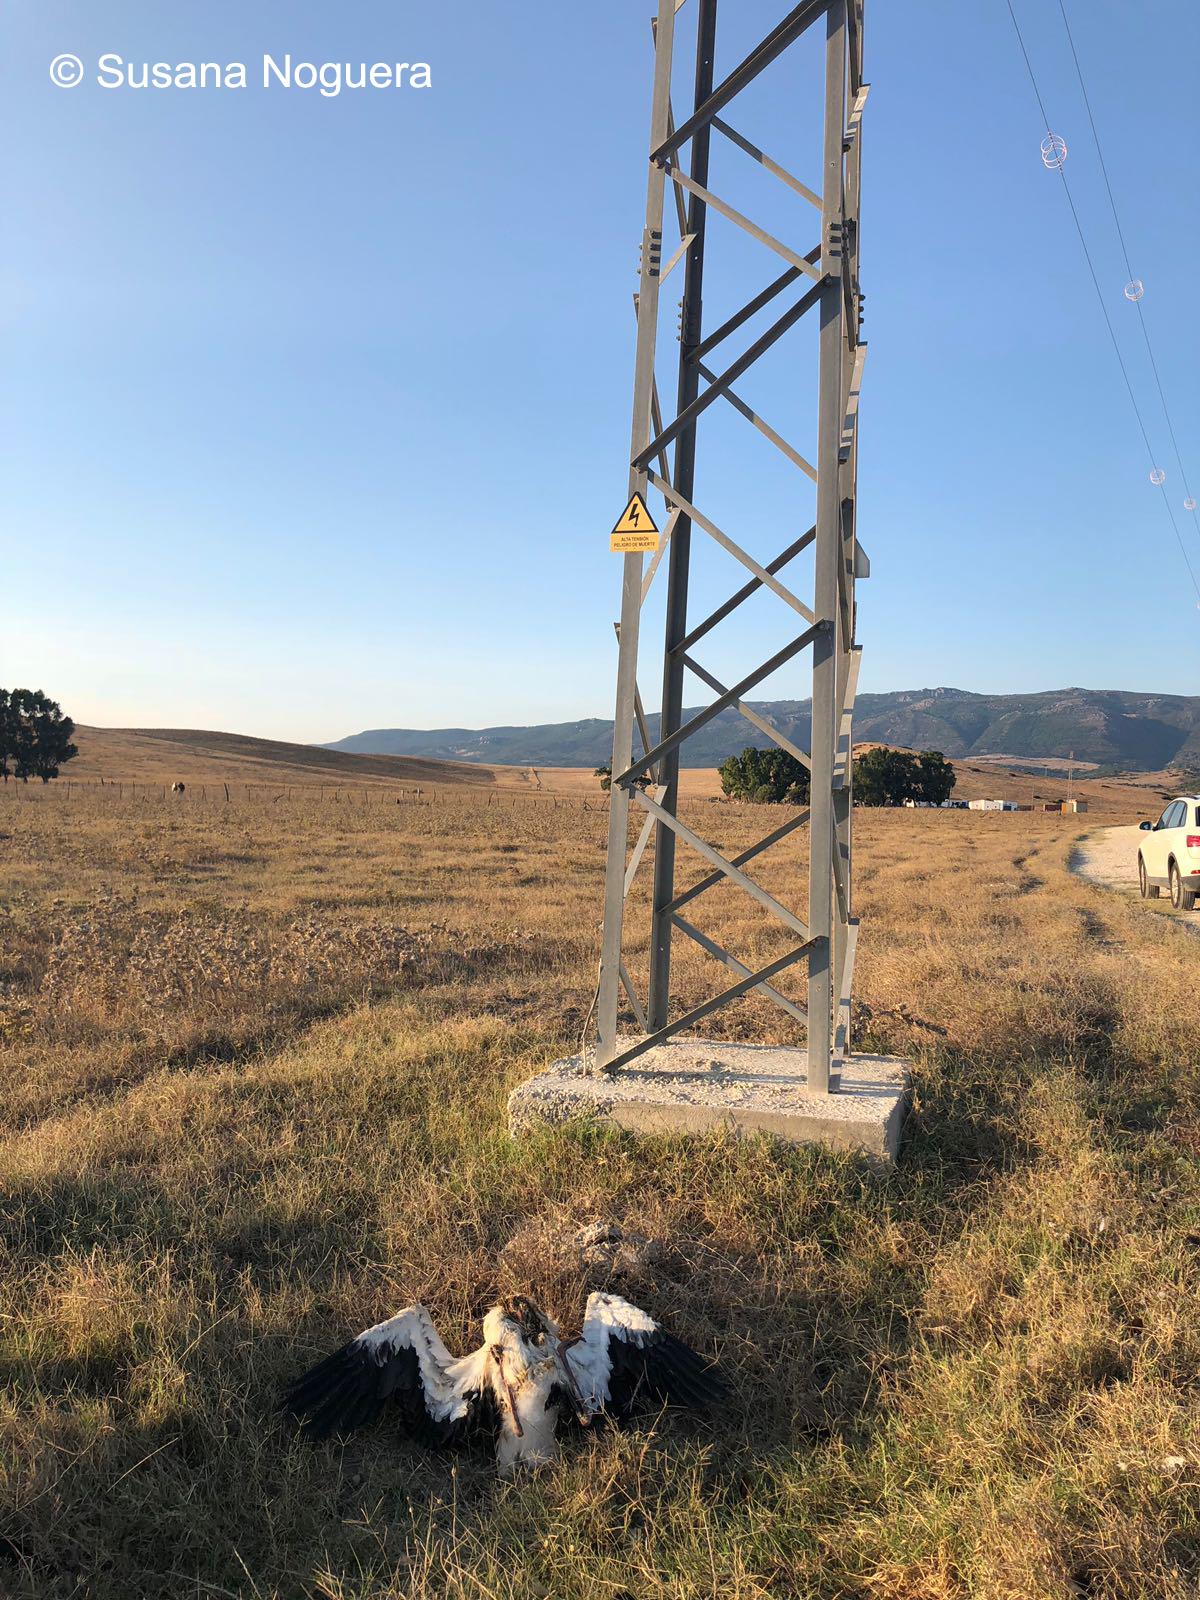 Un cadáver de cigüeña blanca al pie de una torre eléctrica. Imagen: Susana Noguera Hernández